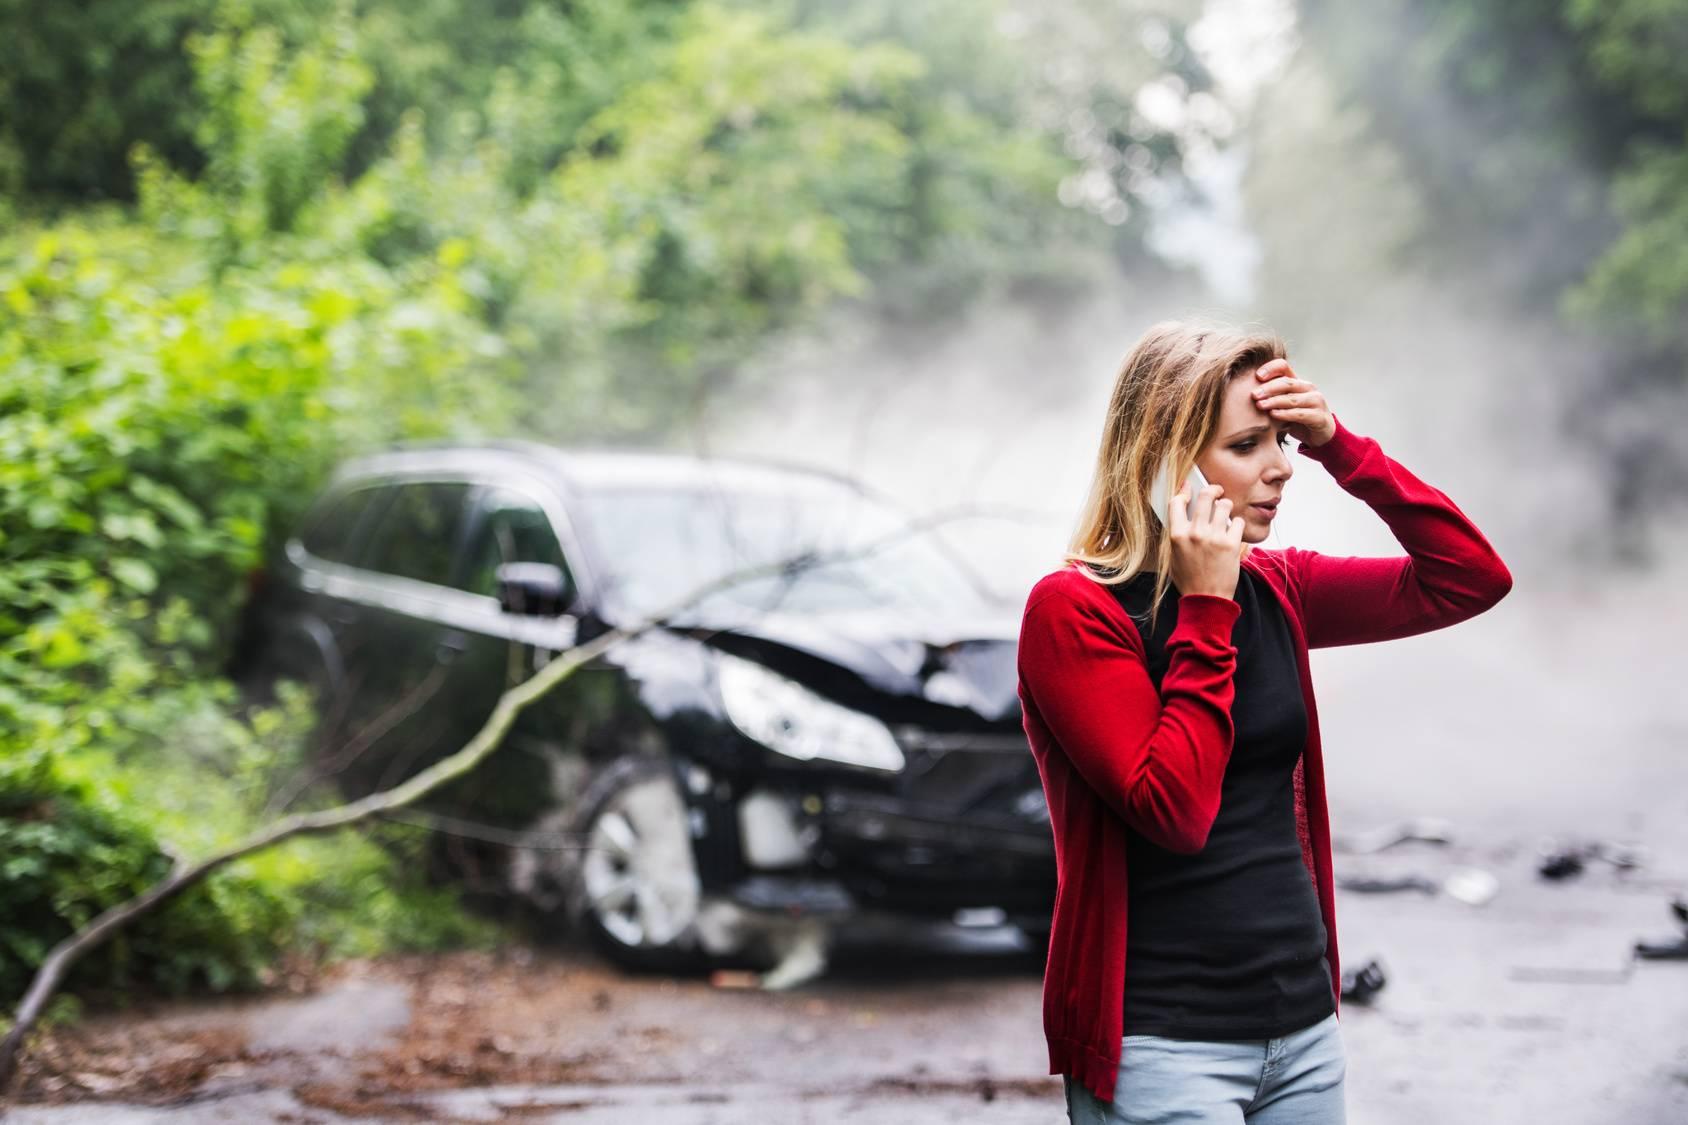 Jak się zachować, gdy jesteś świadkiem wypadku?